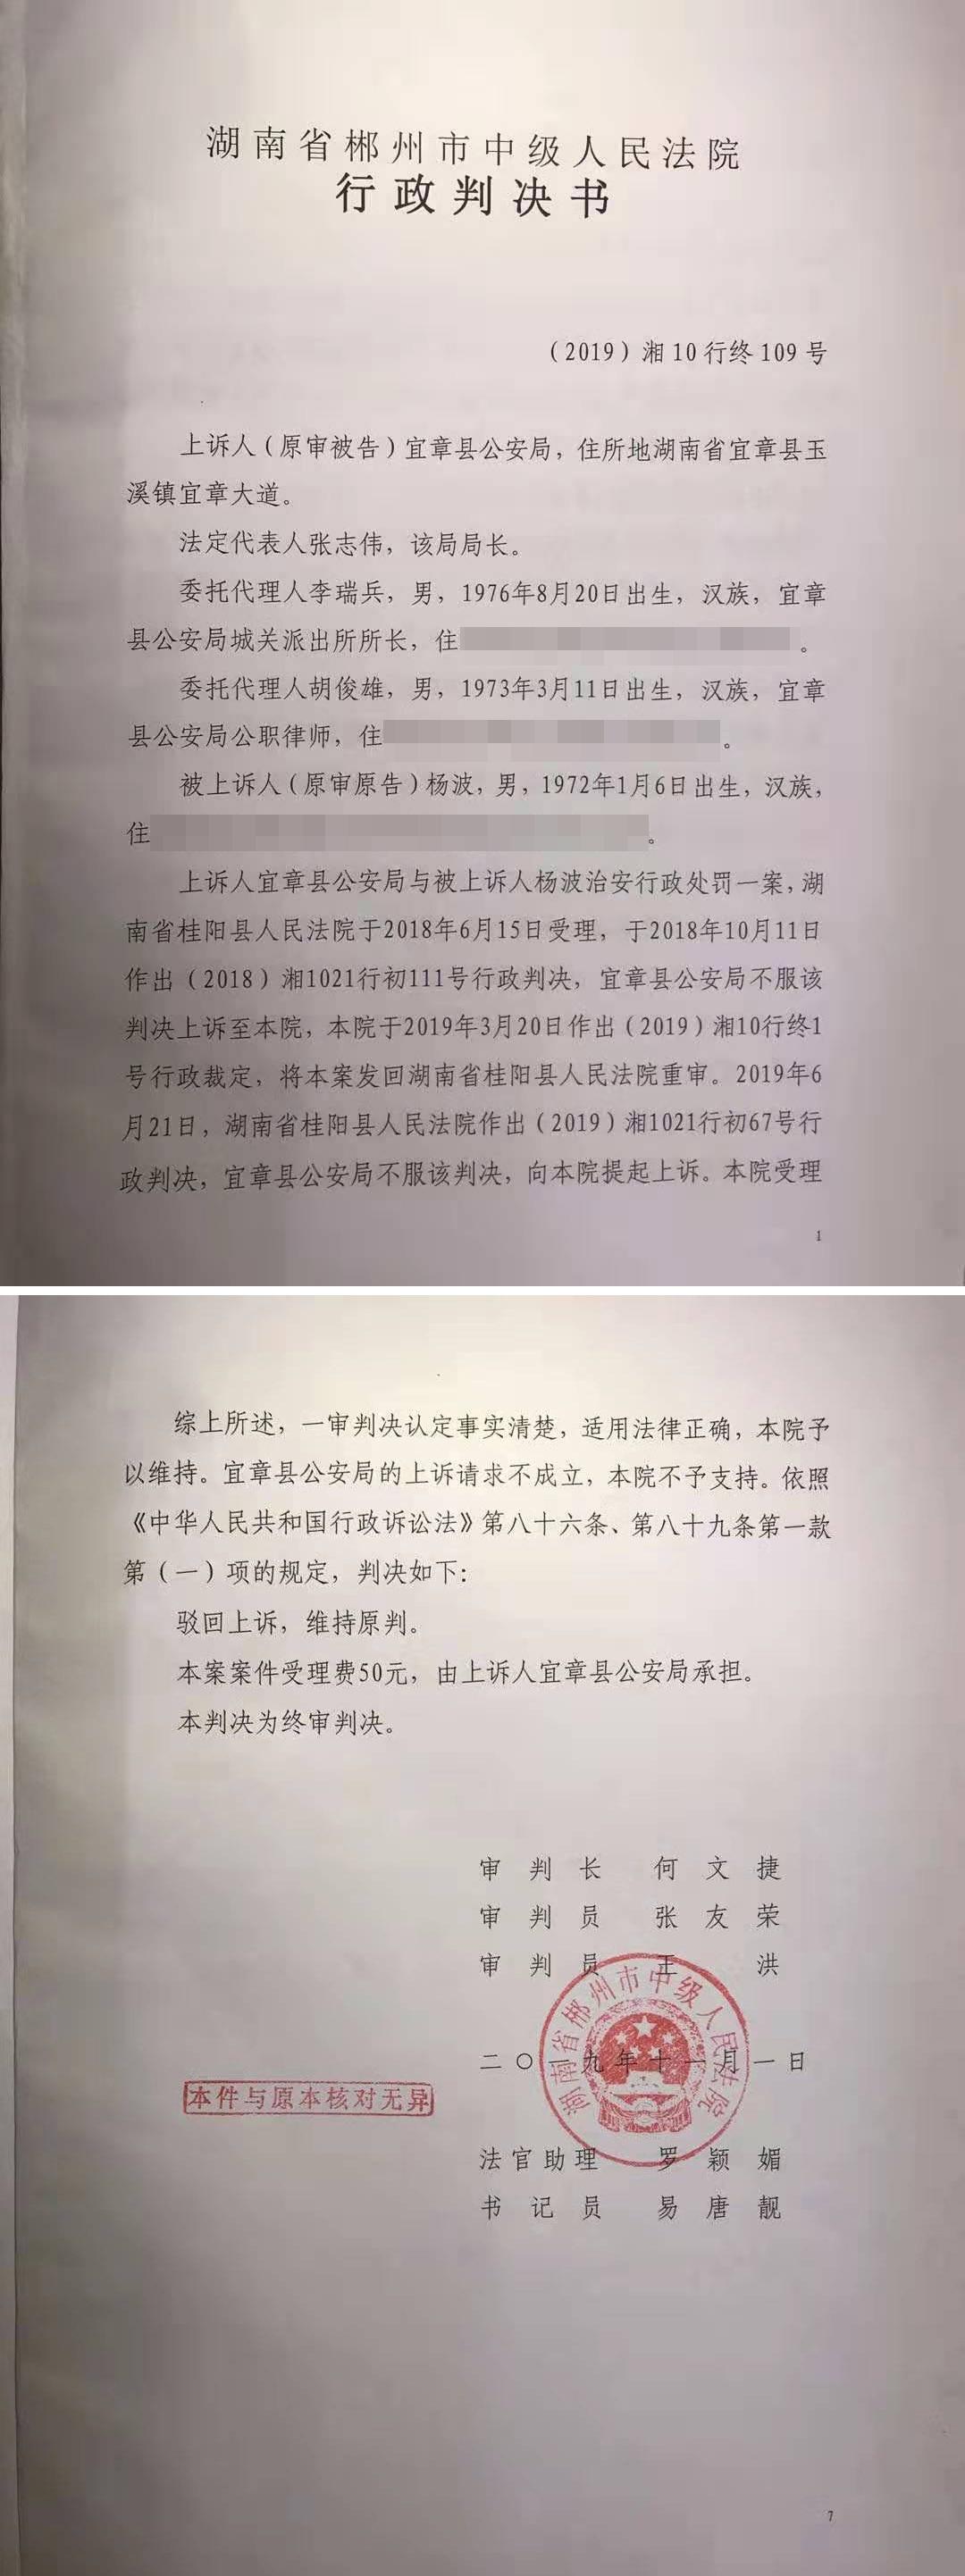 中箭警长:一句支持香港警察足以推动我再上前线